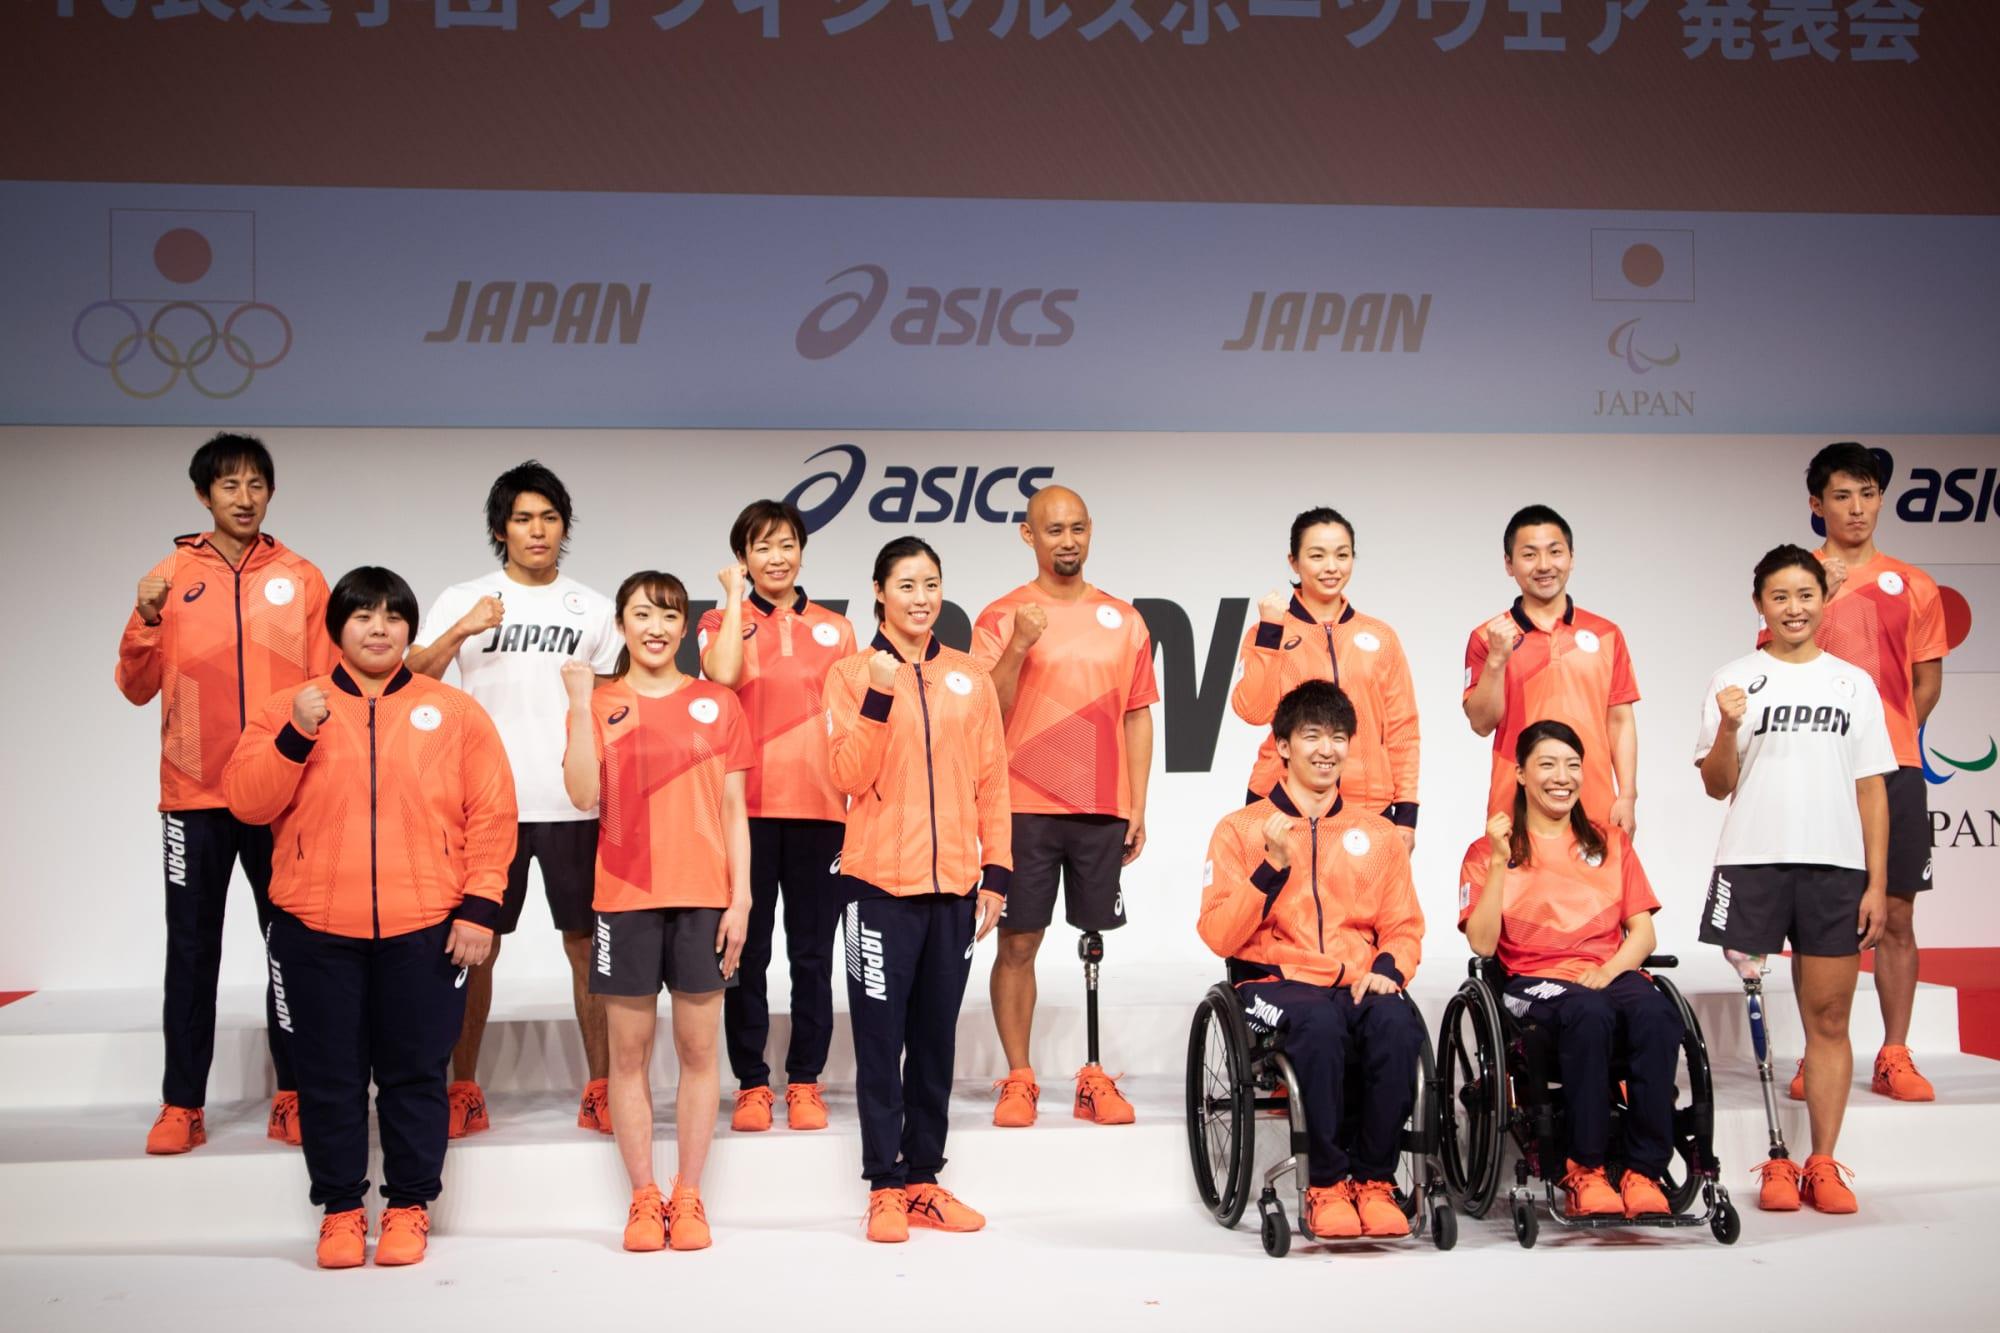 アシックス」東京五輪日本選手団オフィシャルスポーツウェア披露、日本 ...